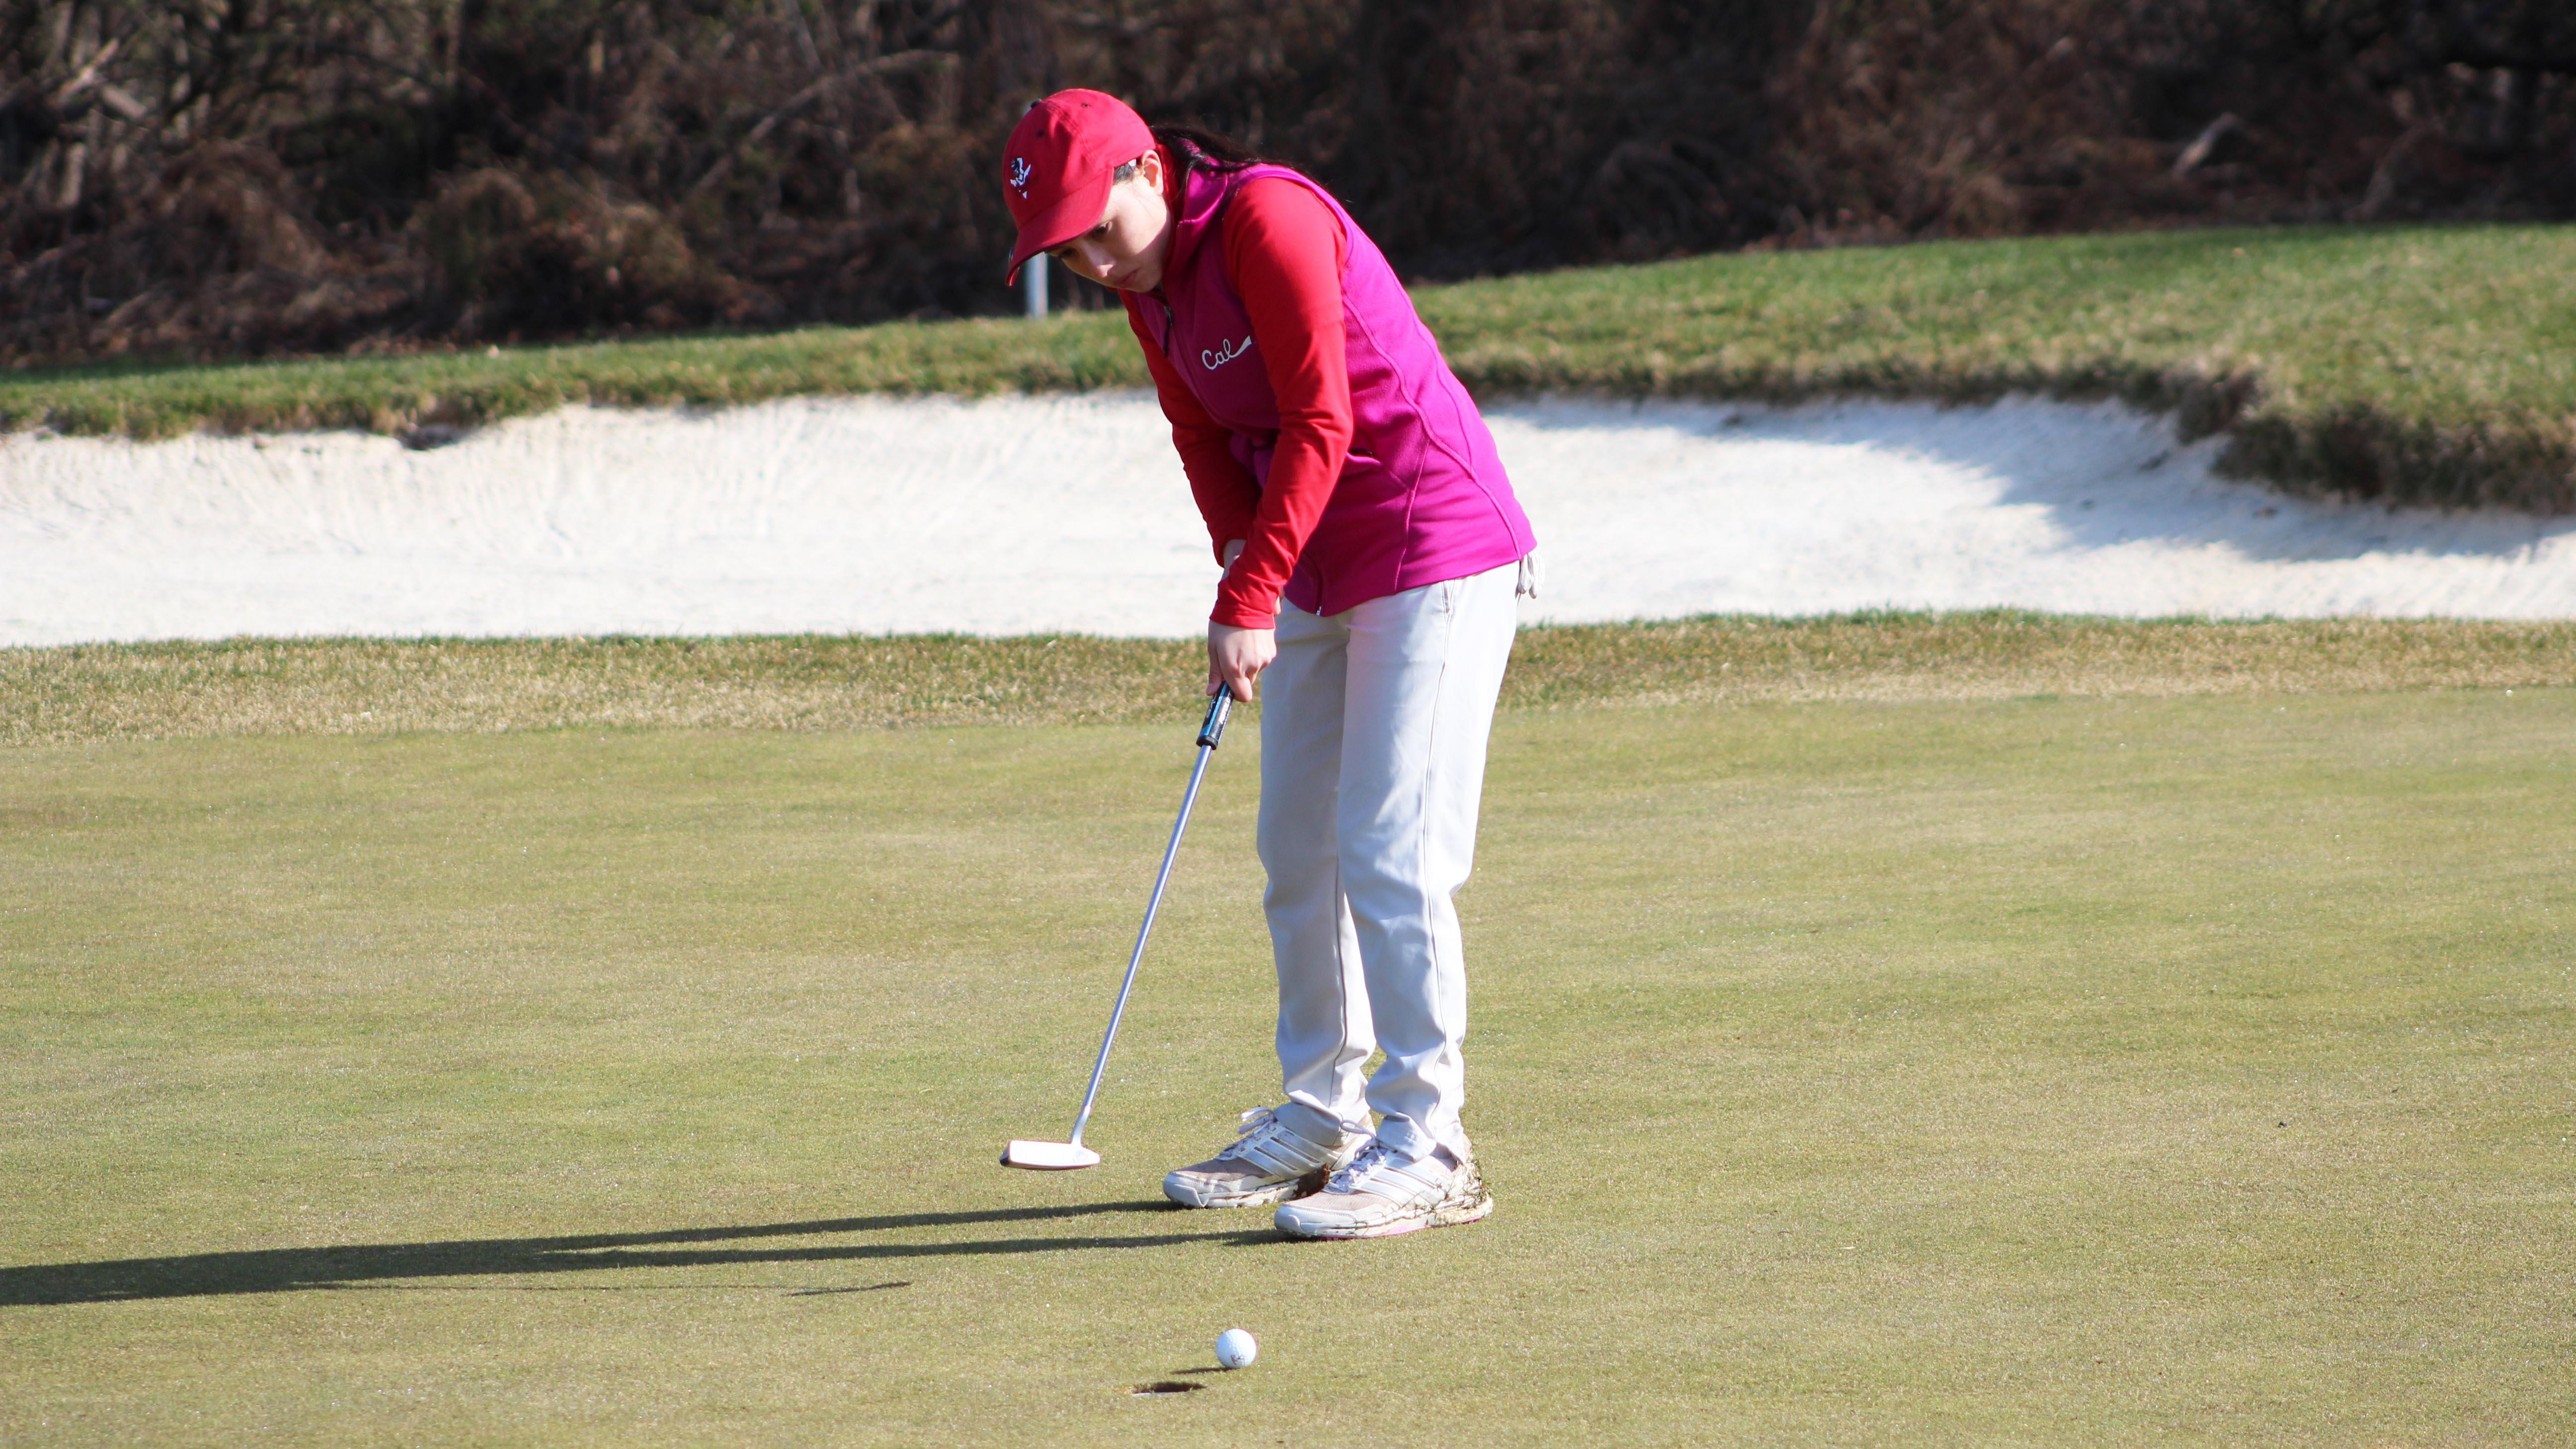 Golfer Sara Suazo